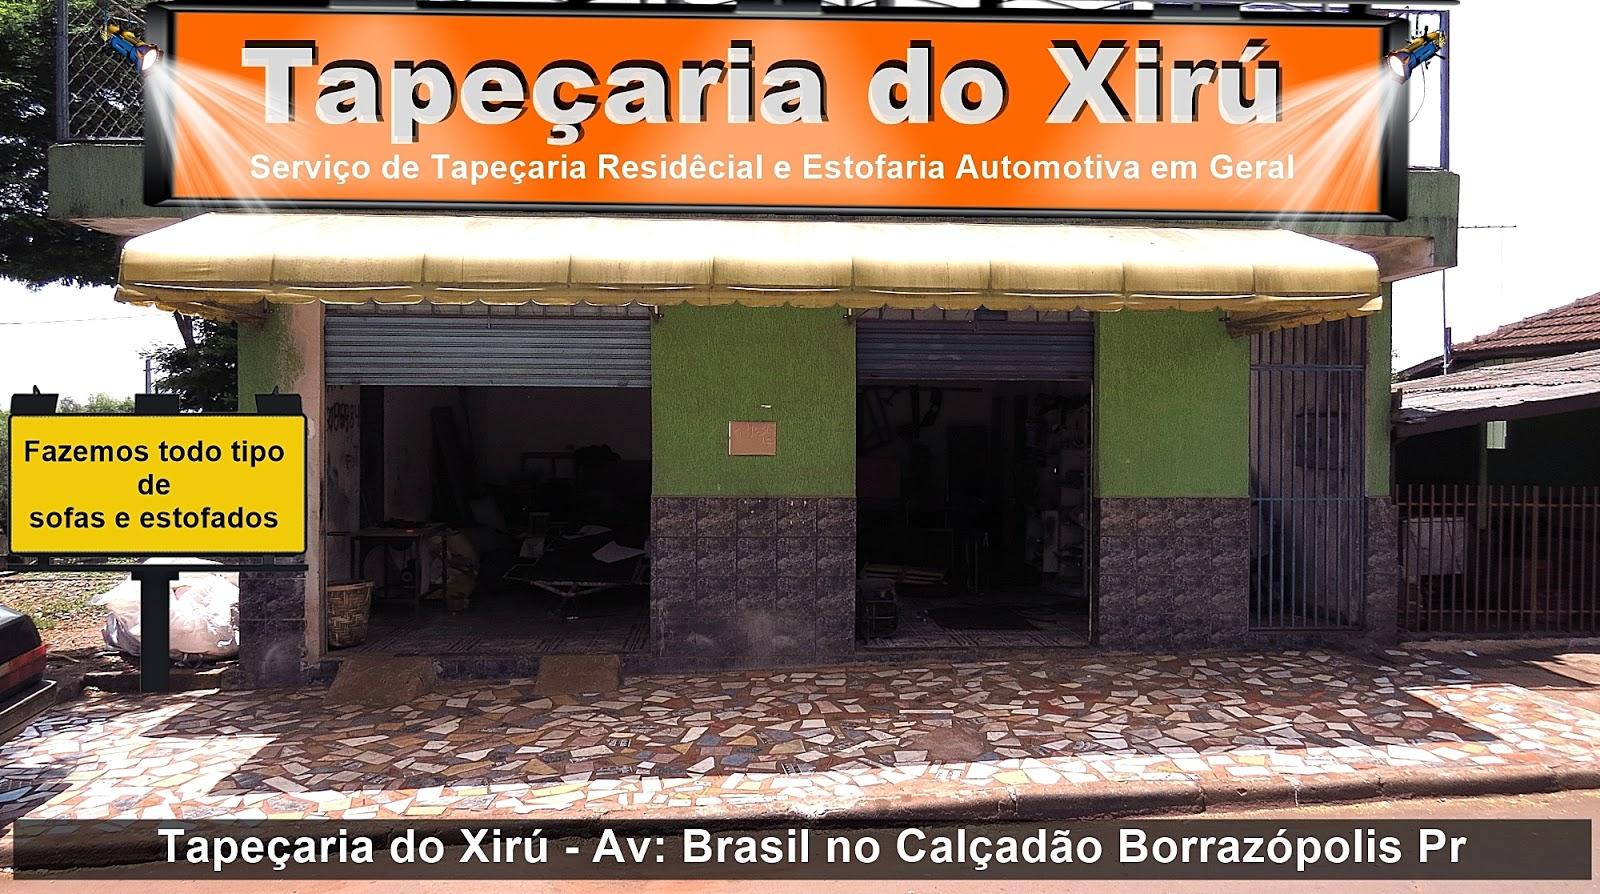 Tapeçaria do Xirú de Borrazópolis